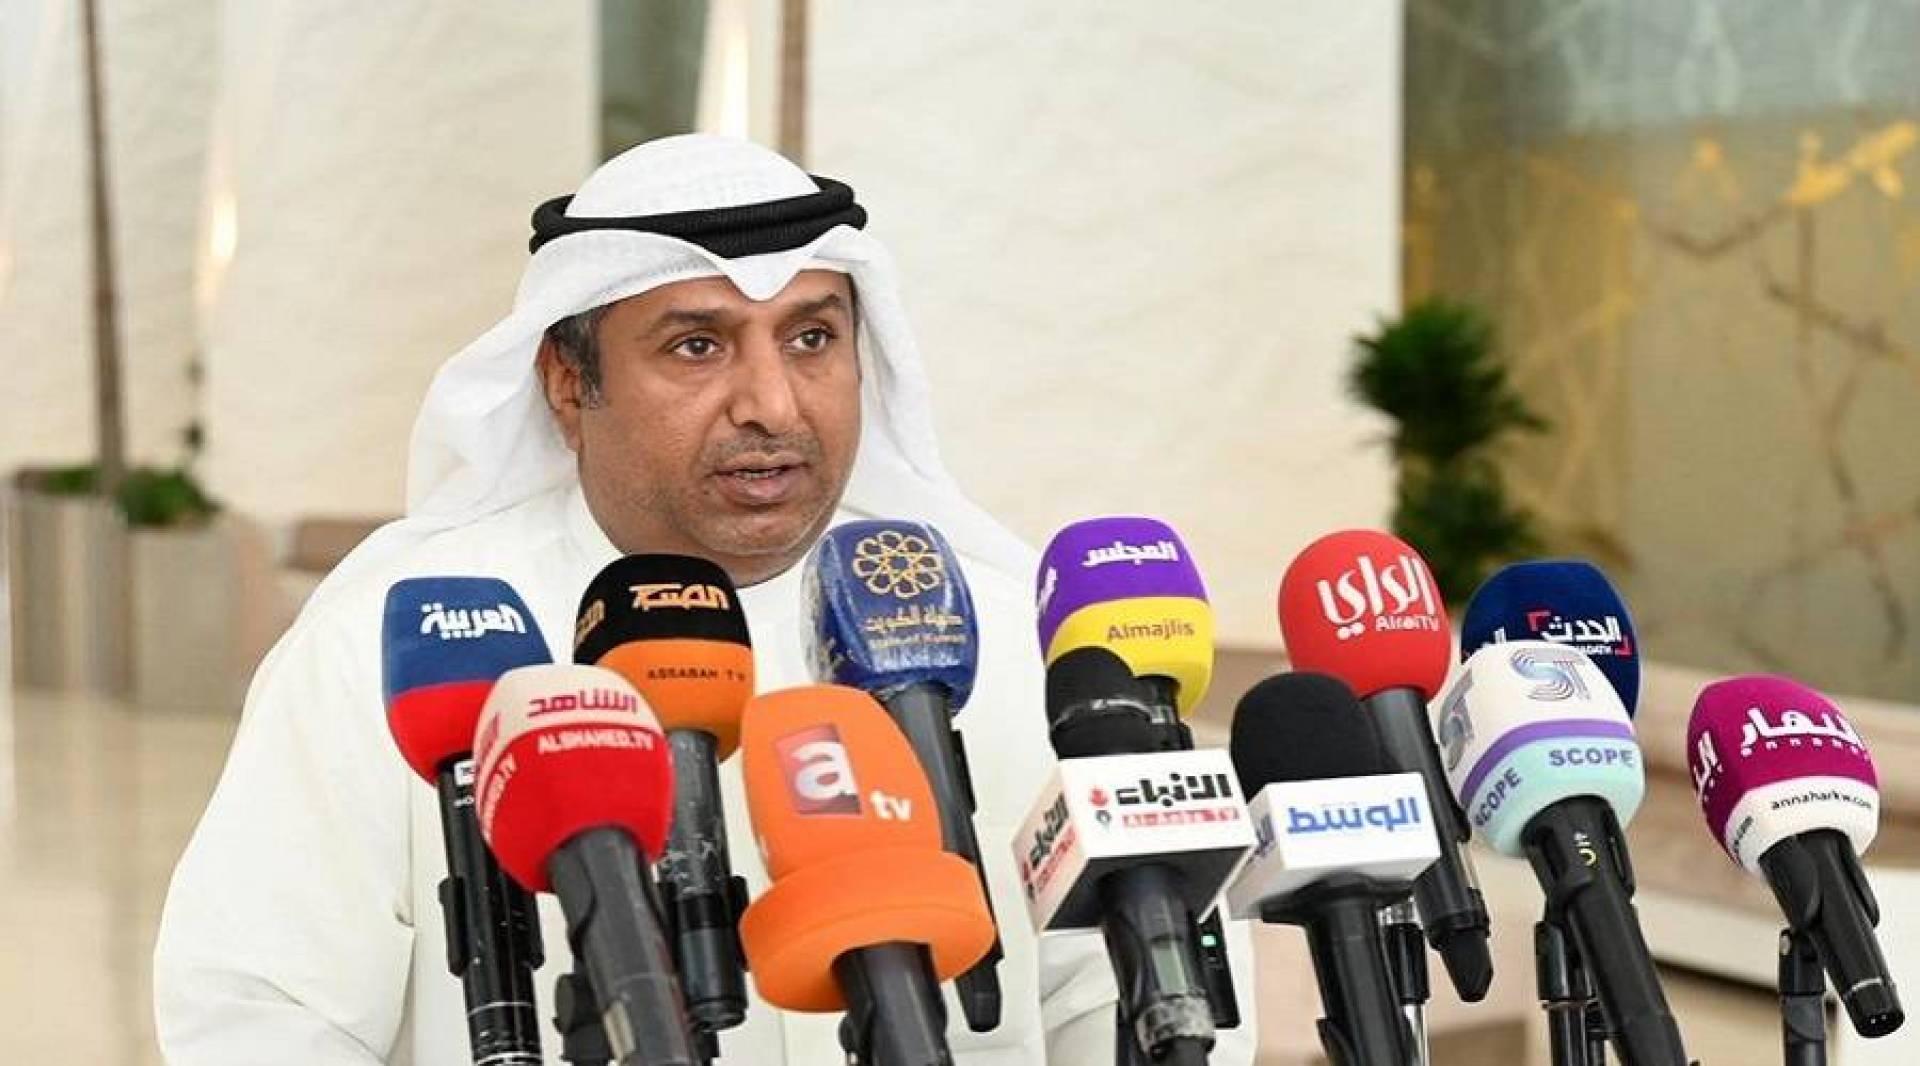 بدر الملا: بيان مؤسسة البترول حول تقرير لجنة التحقيق البرلمانية.. مغلوط وغير موفق